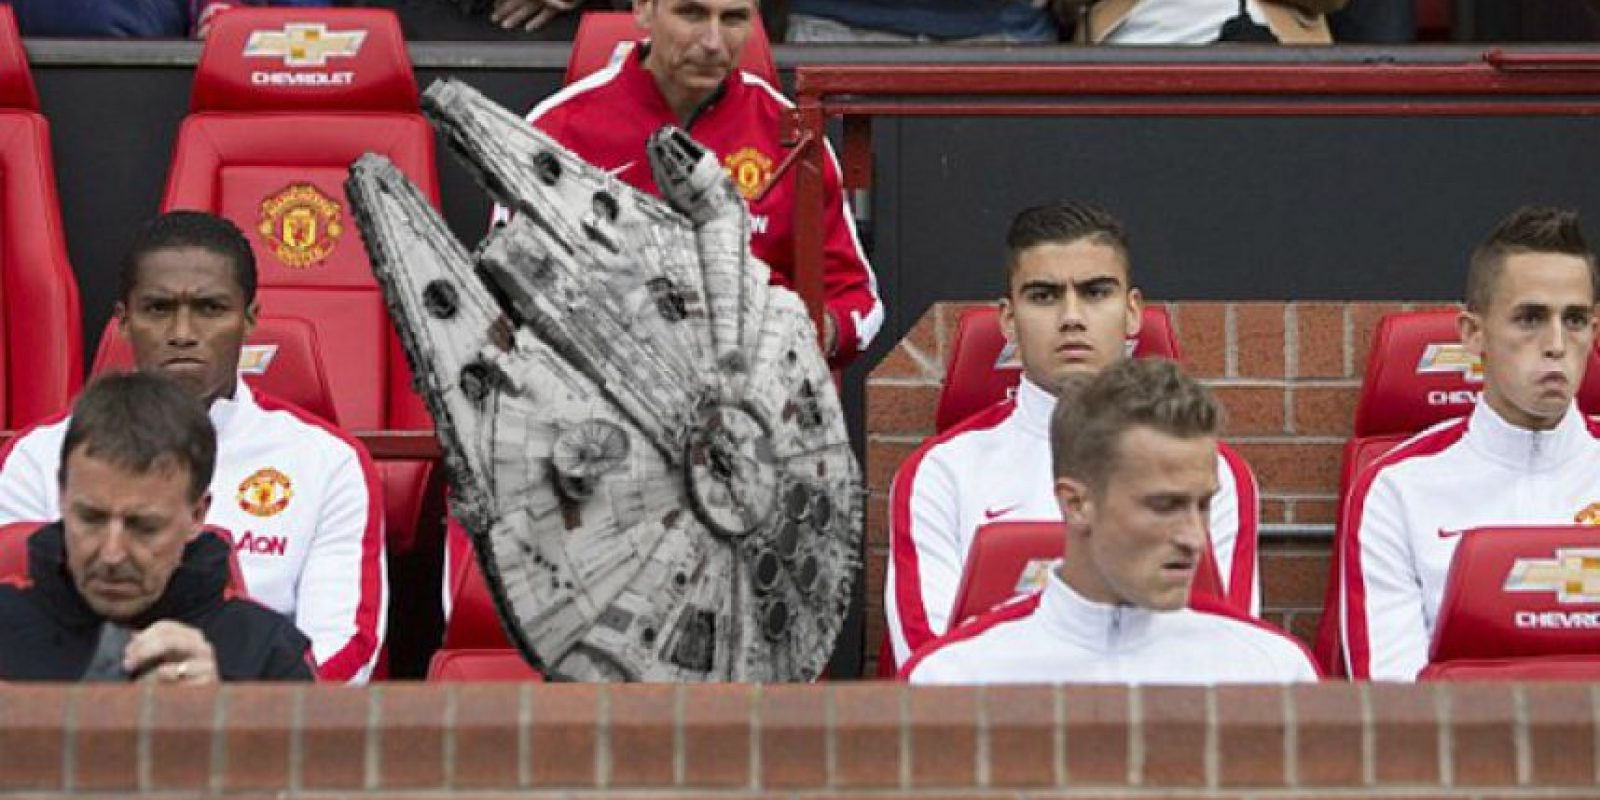 La foto con la que el Daily Mirror se burló de Falcao como parte del May the 4th. Foto:Tomada de mirror.co.uk